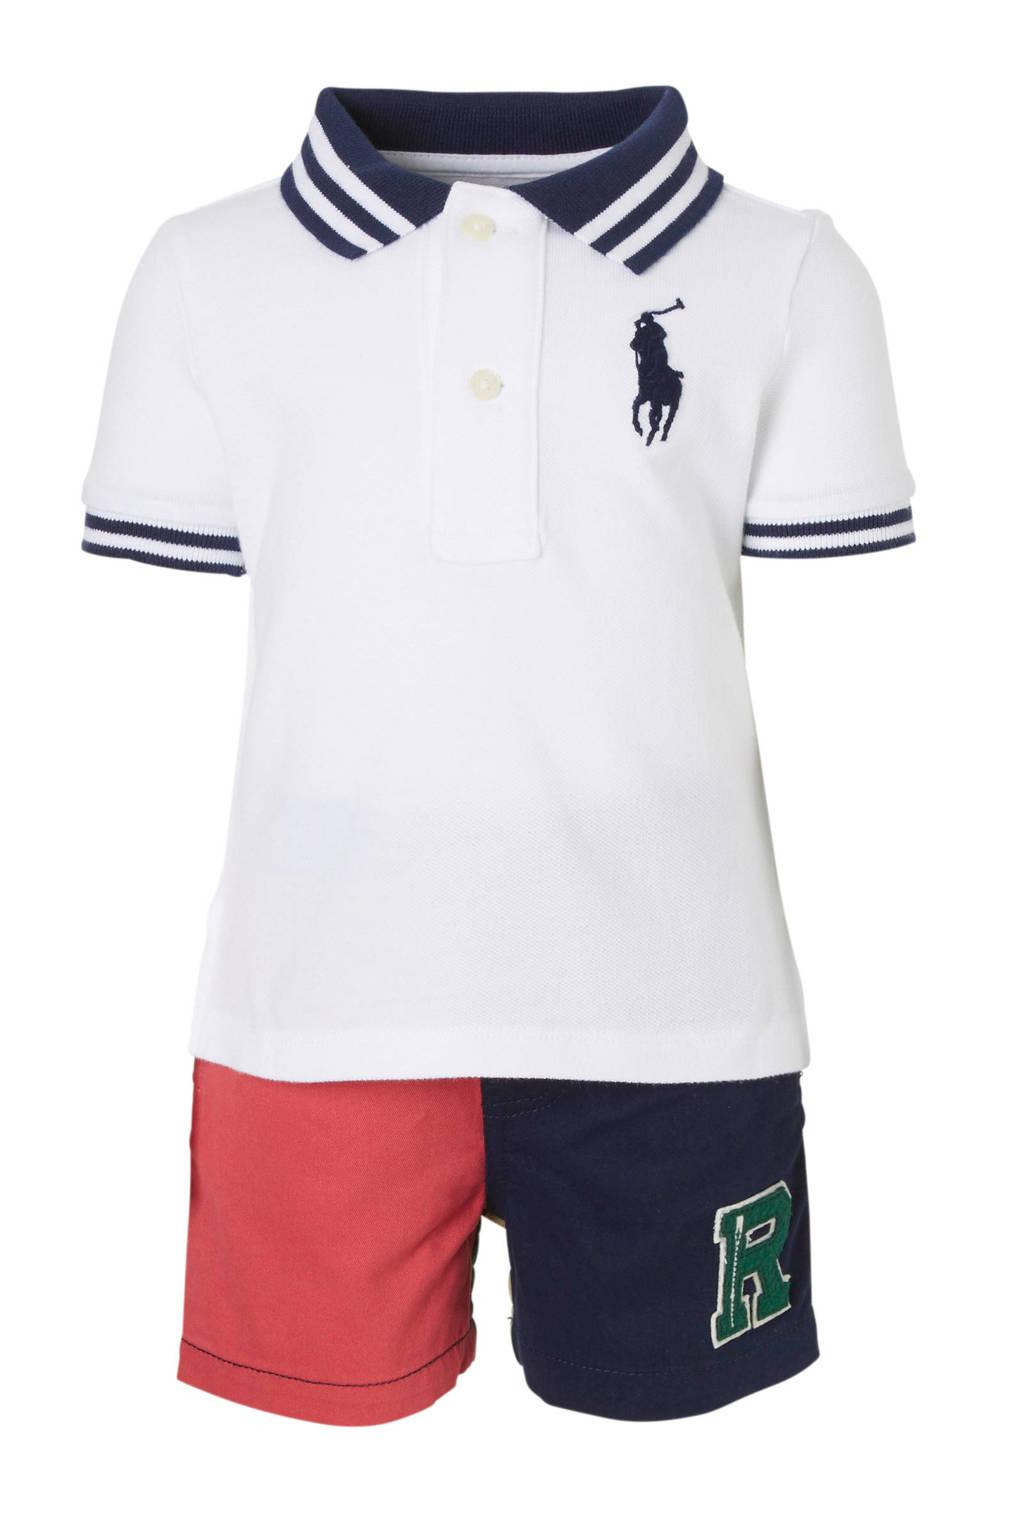 POLO Ralph Lauren baby polo + short, Wit/blauw/rood/beige/groen